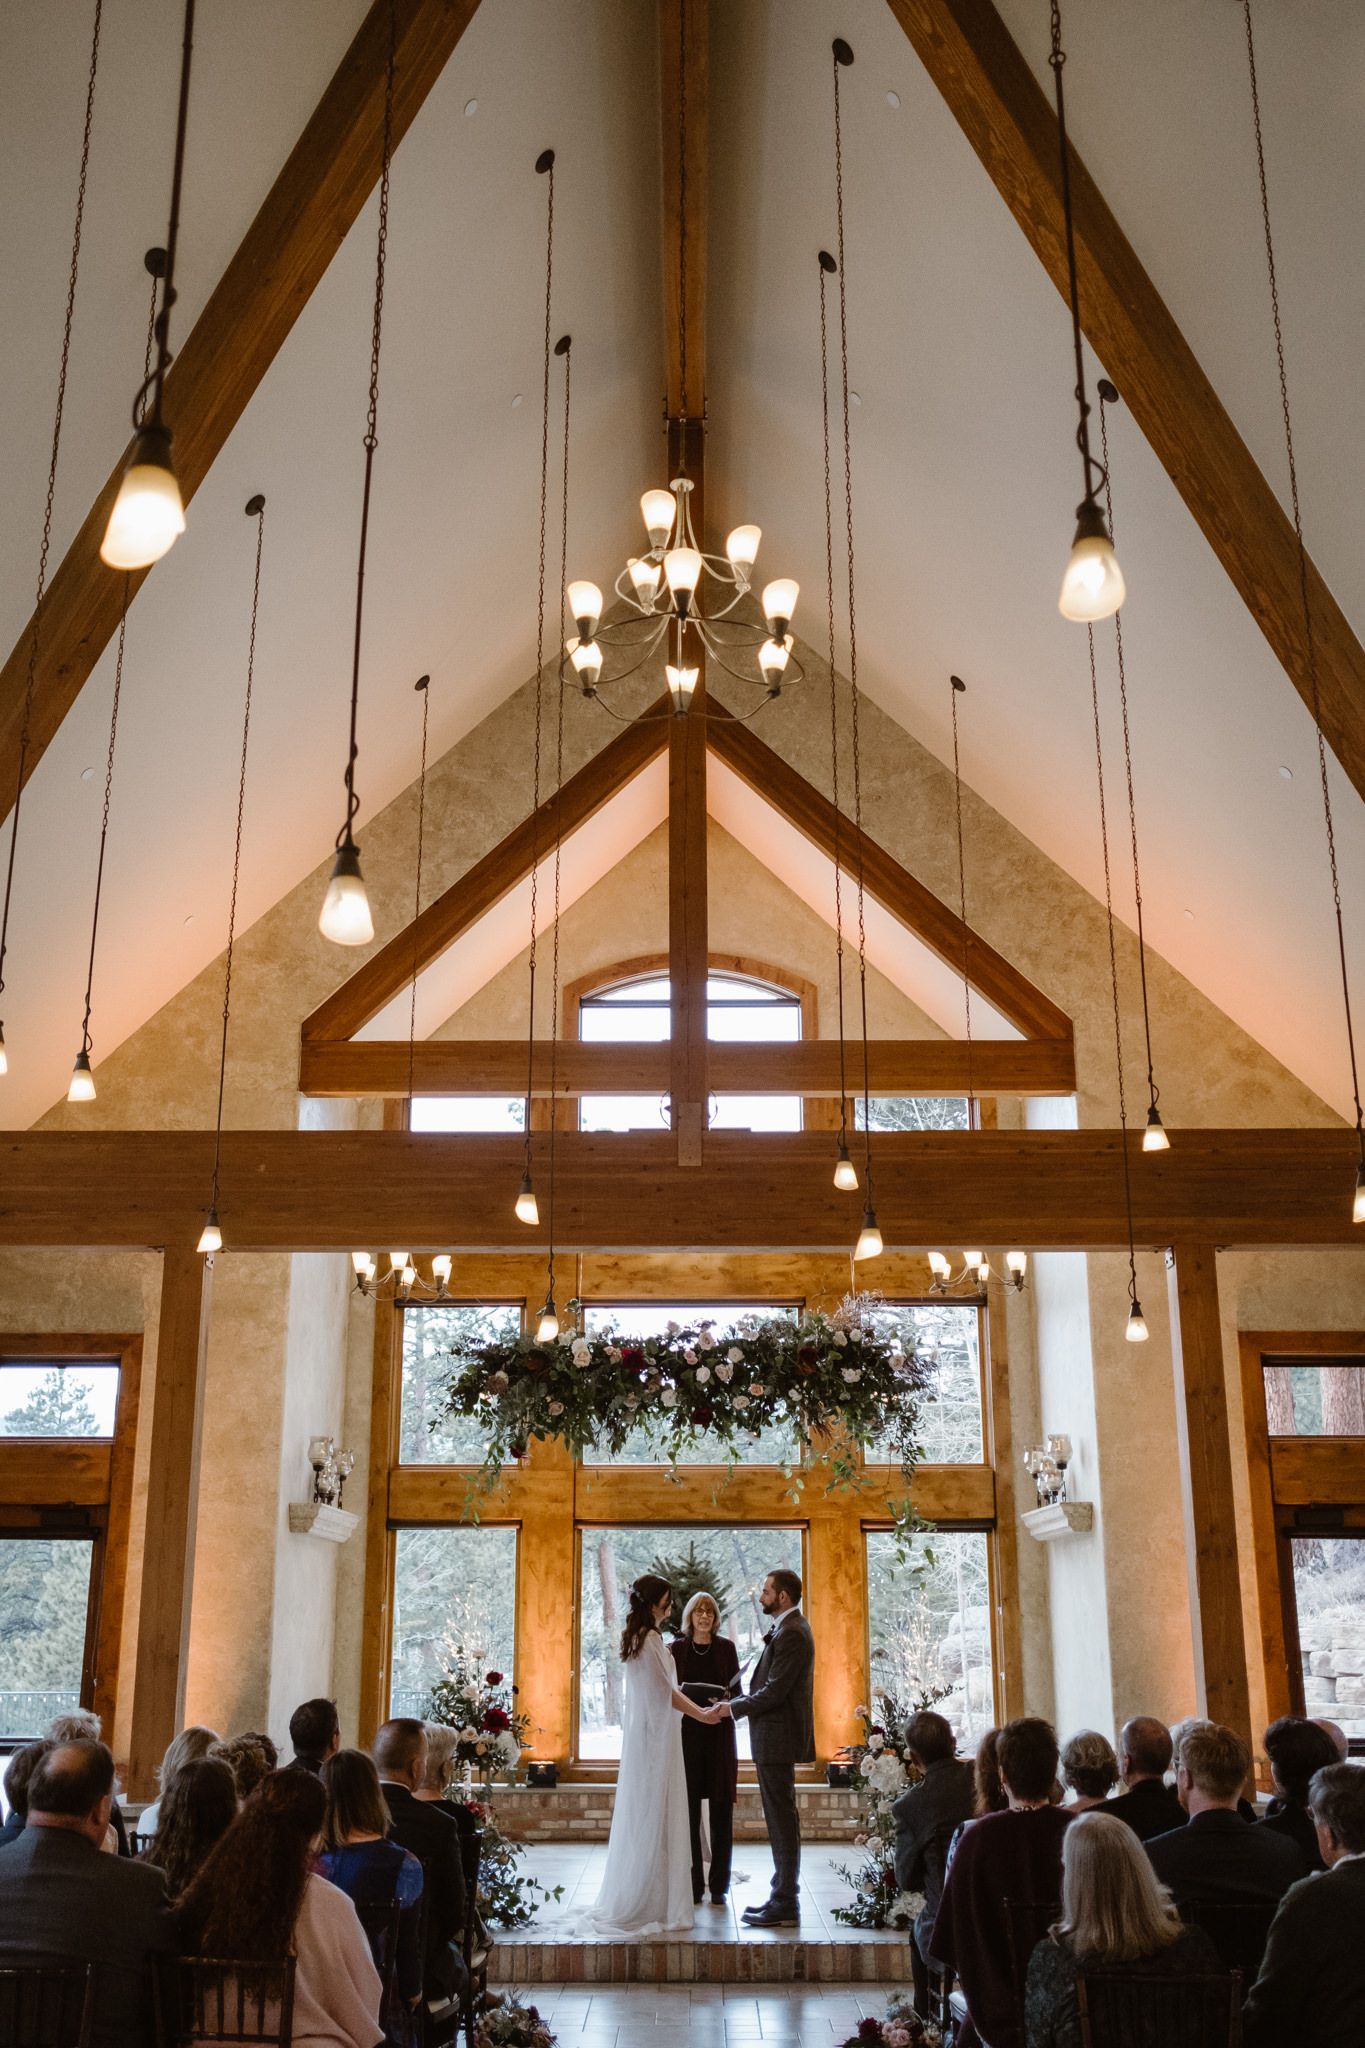 Estes Park Wedding Venues The Complete Guide Chateau Wedding Venue Indoor Wedding Ceremonies Wedding Venues Indoor